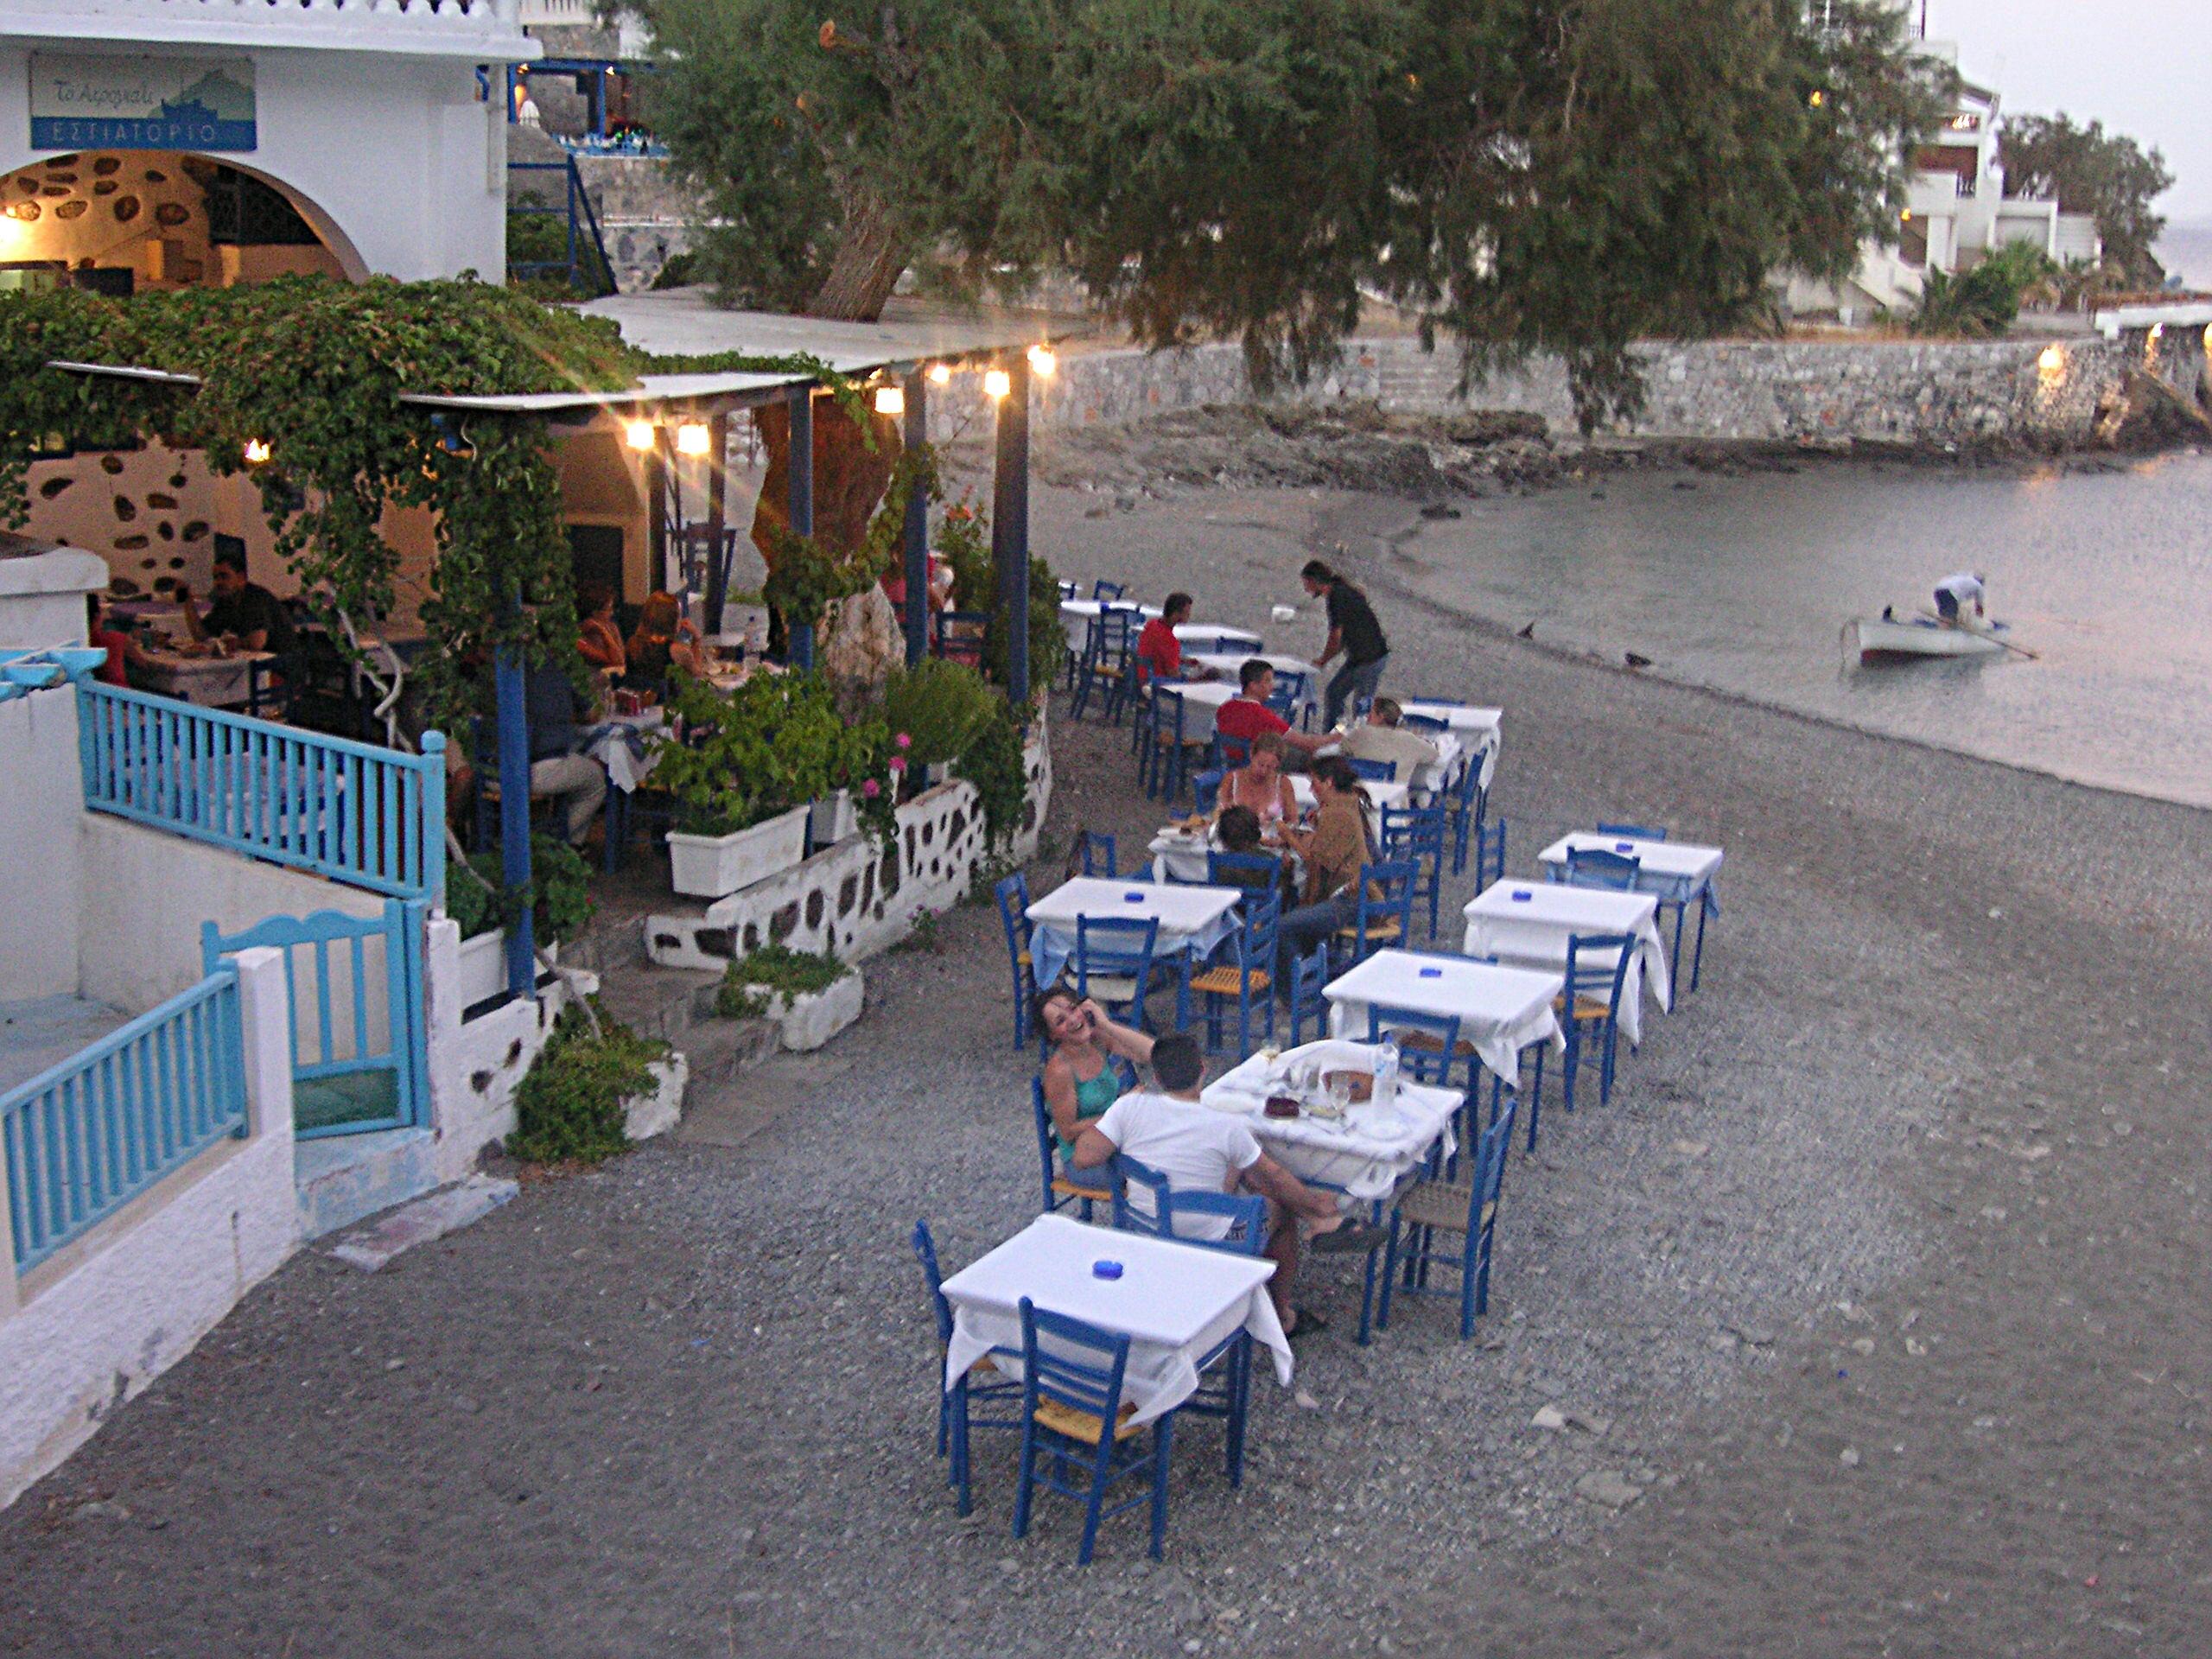 Greek Restaurant On Beach Blvd